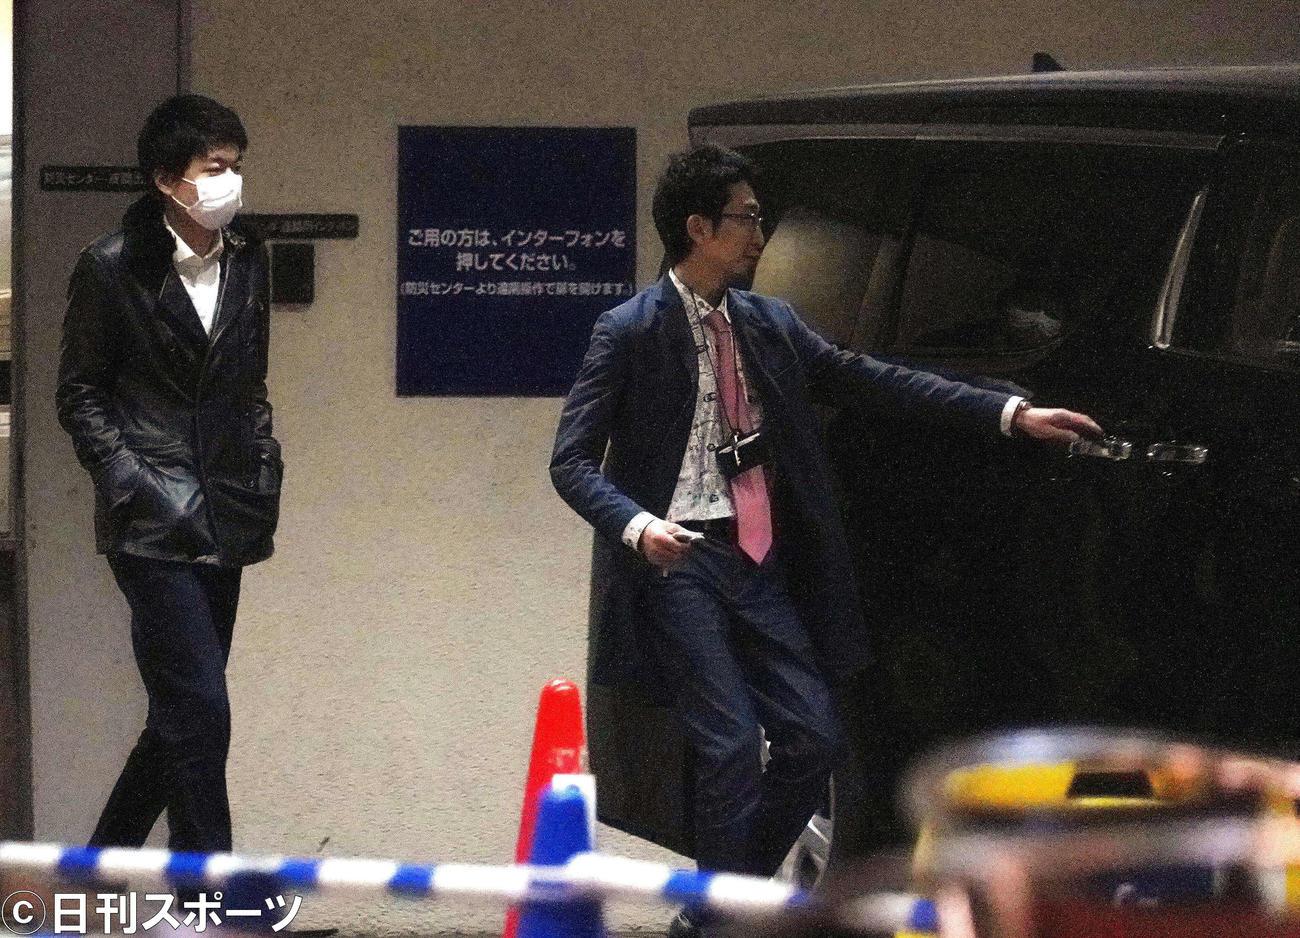 舞台「八つ墓村」の稽古を終えて、稽古場を出る喜多村緑郎(左)(撮影・佐藤成)